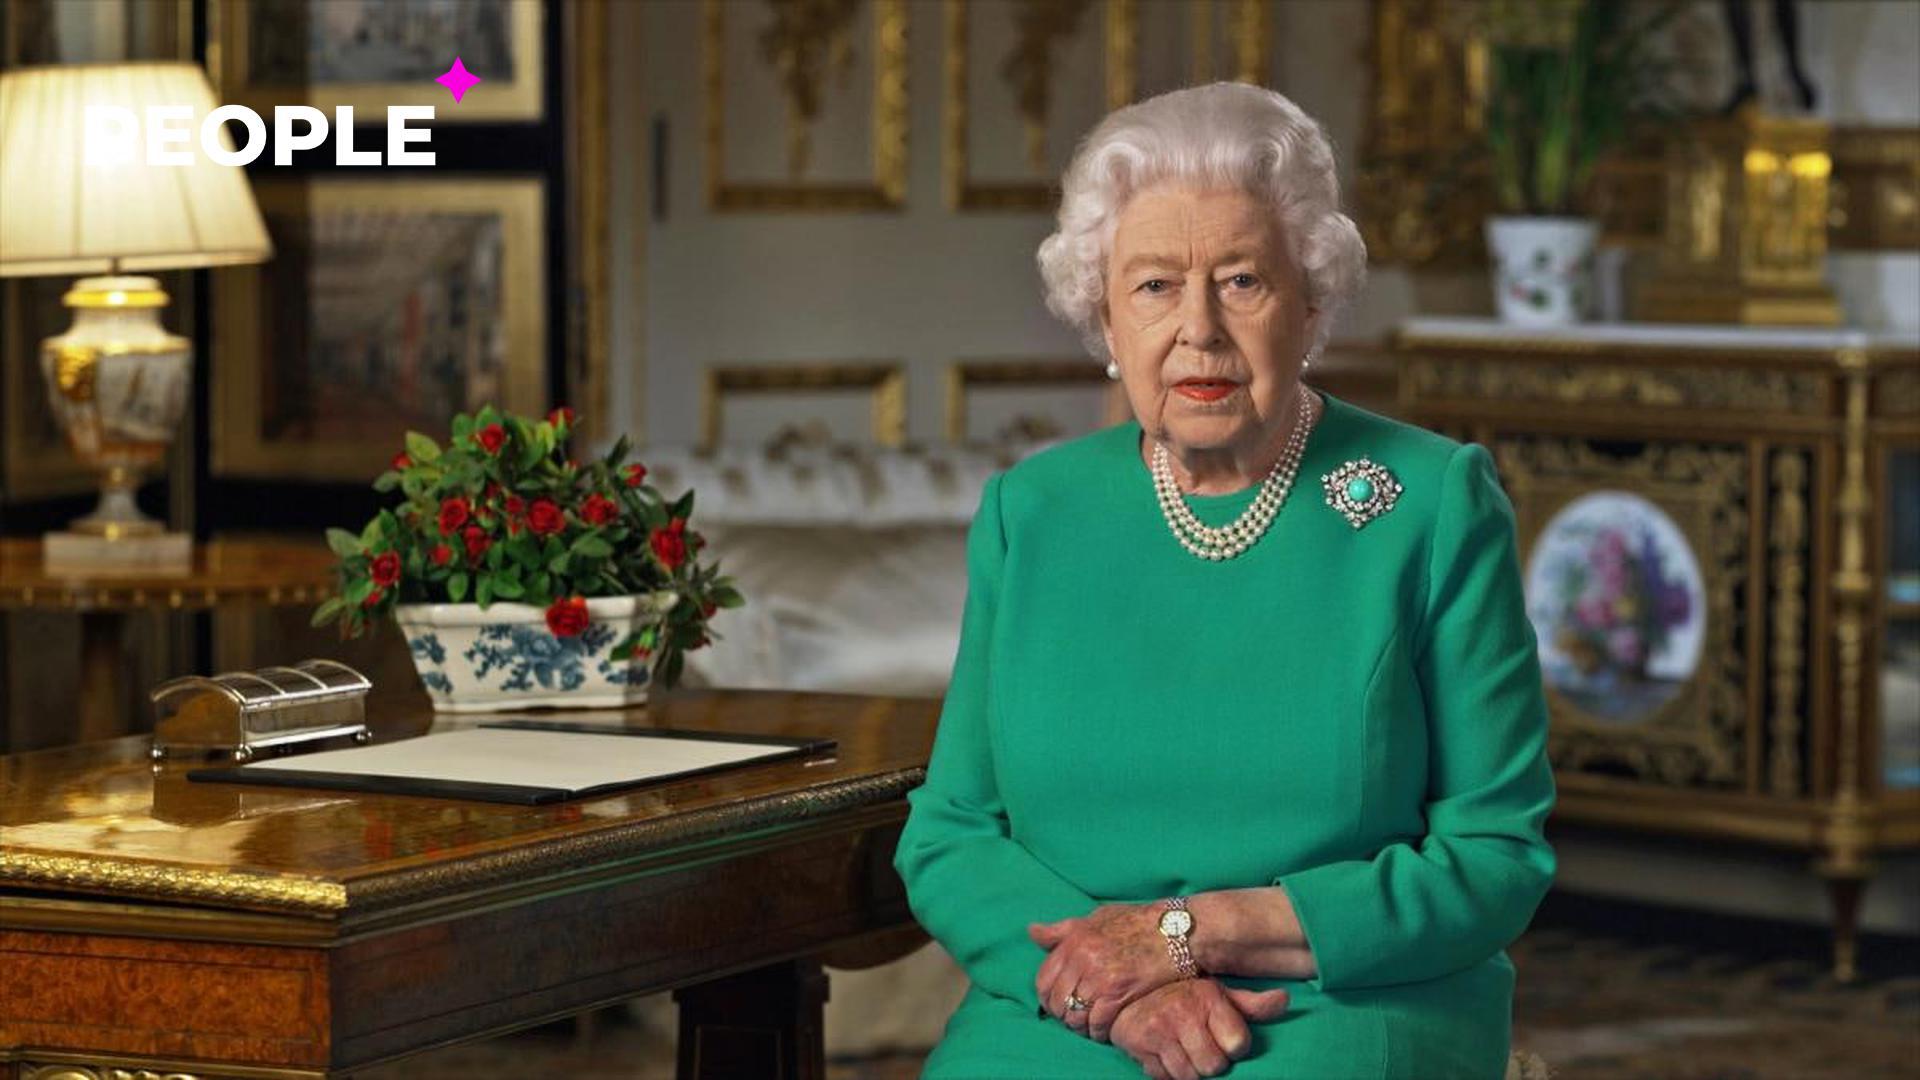 Королева Елизавета II впервые появилась на публике после смерти своего мужа